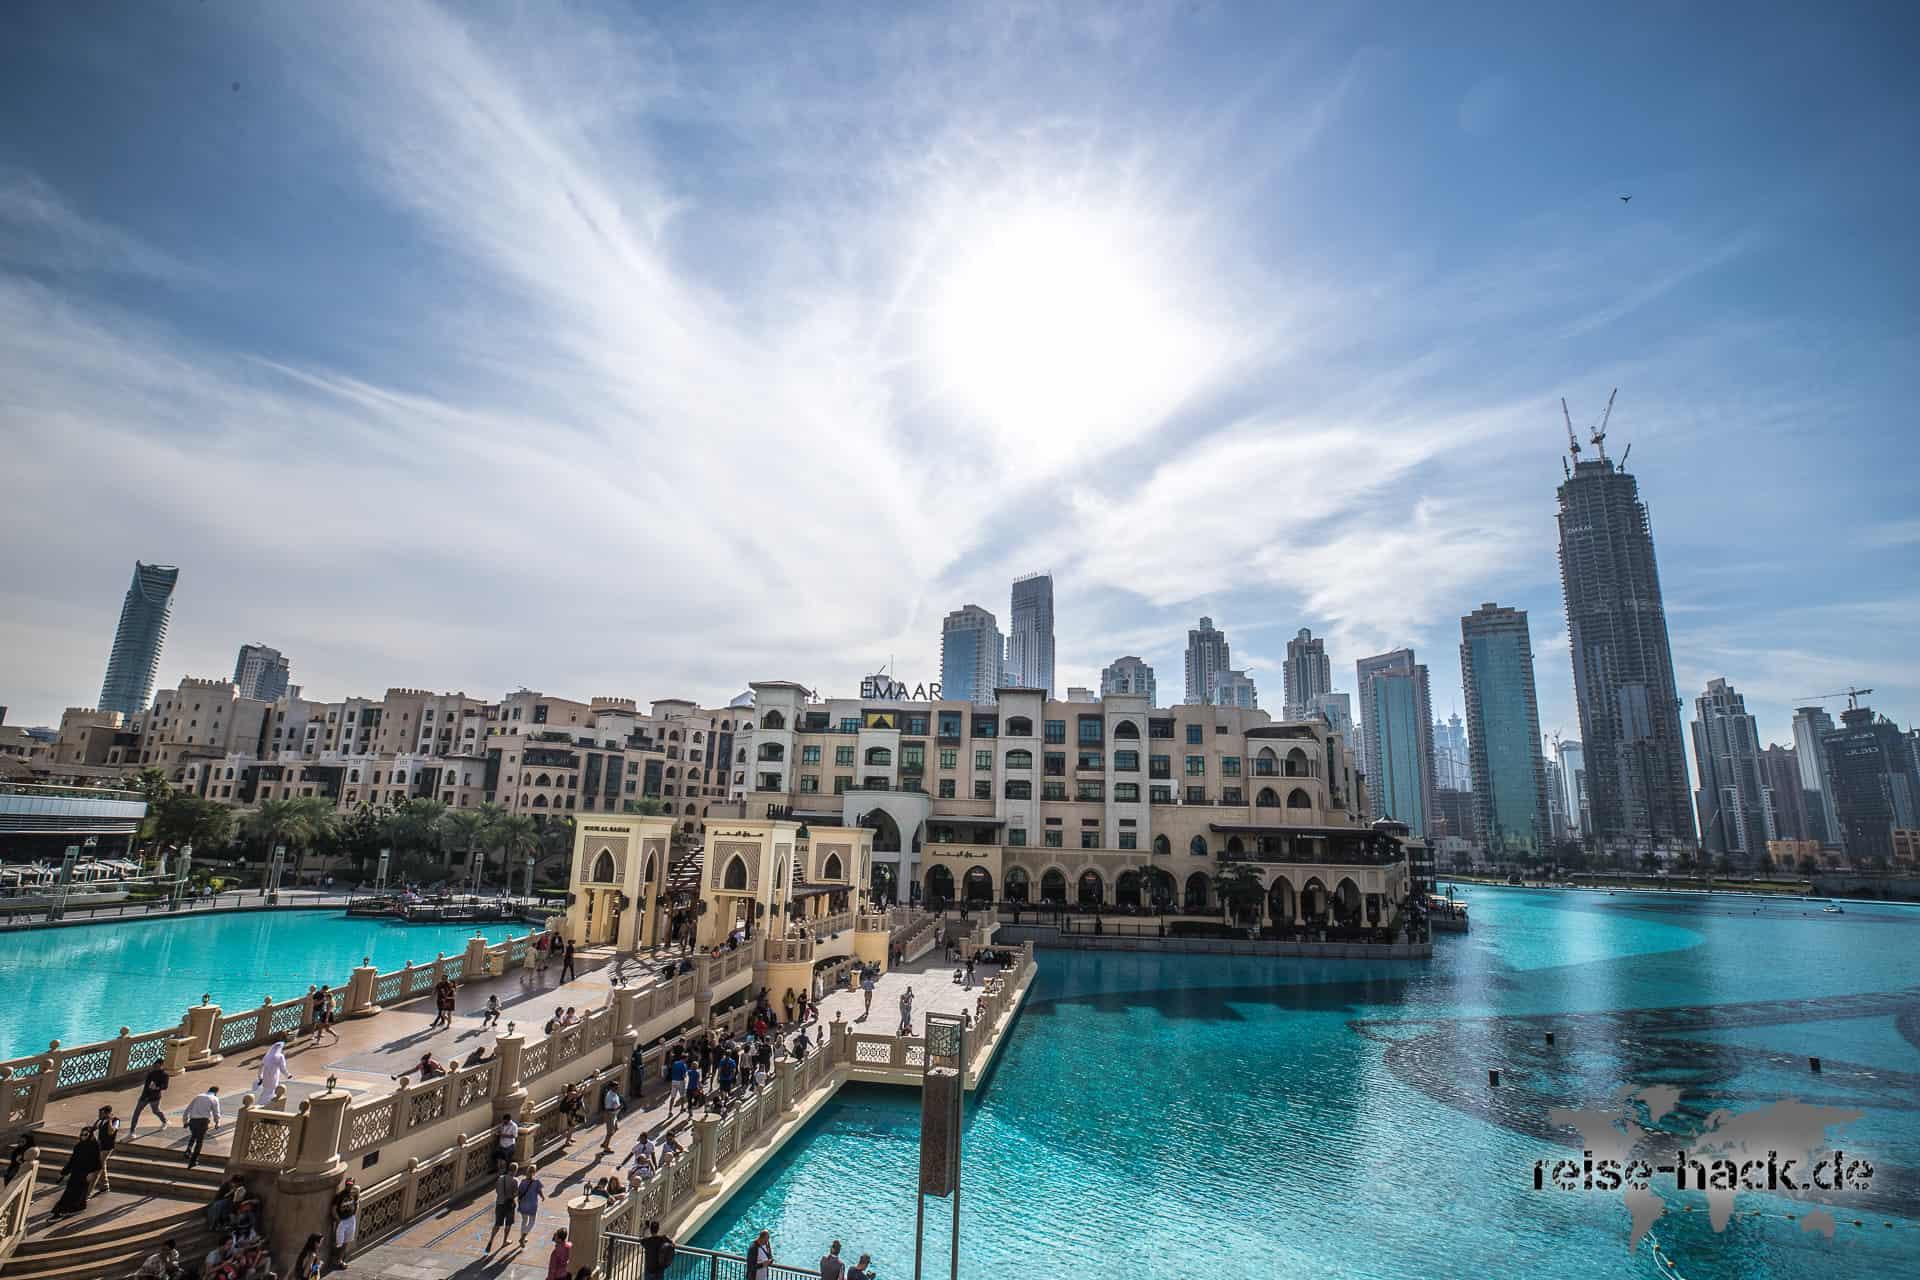 2019-01-02-Dubai-01509